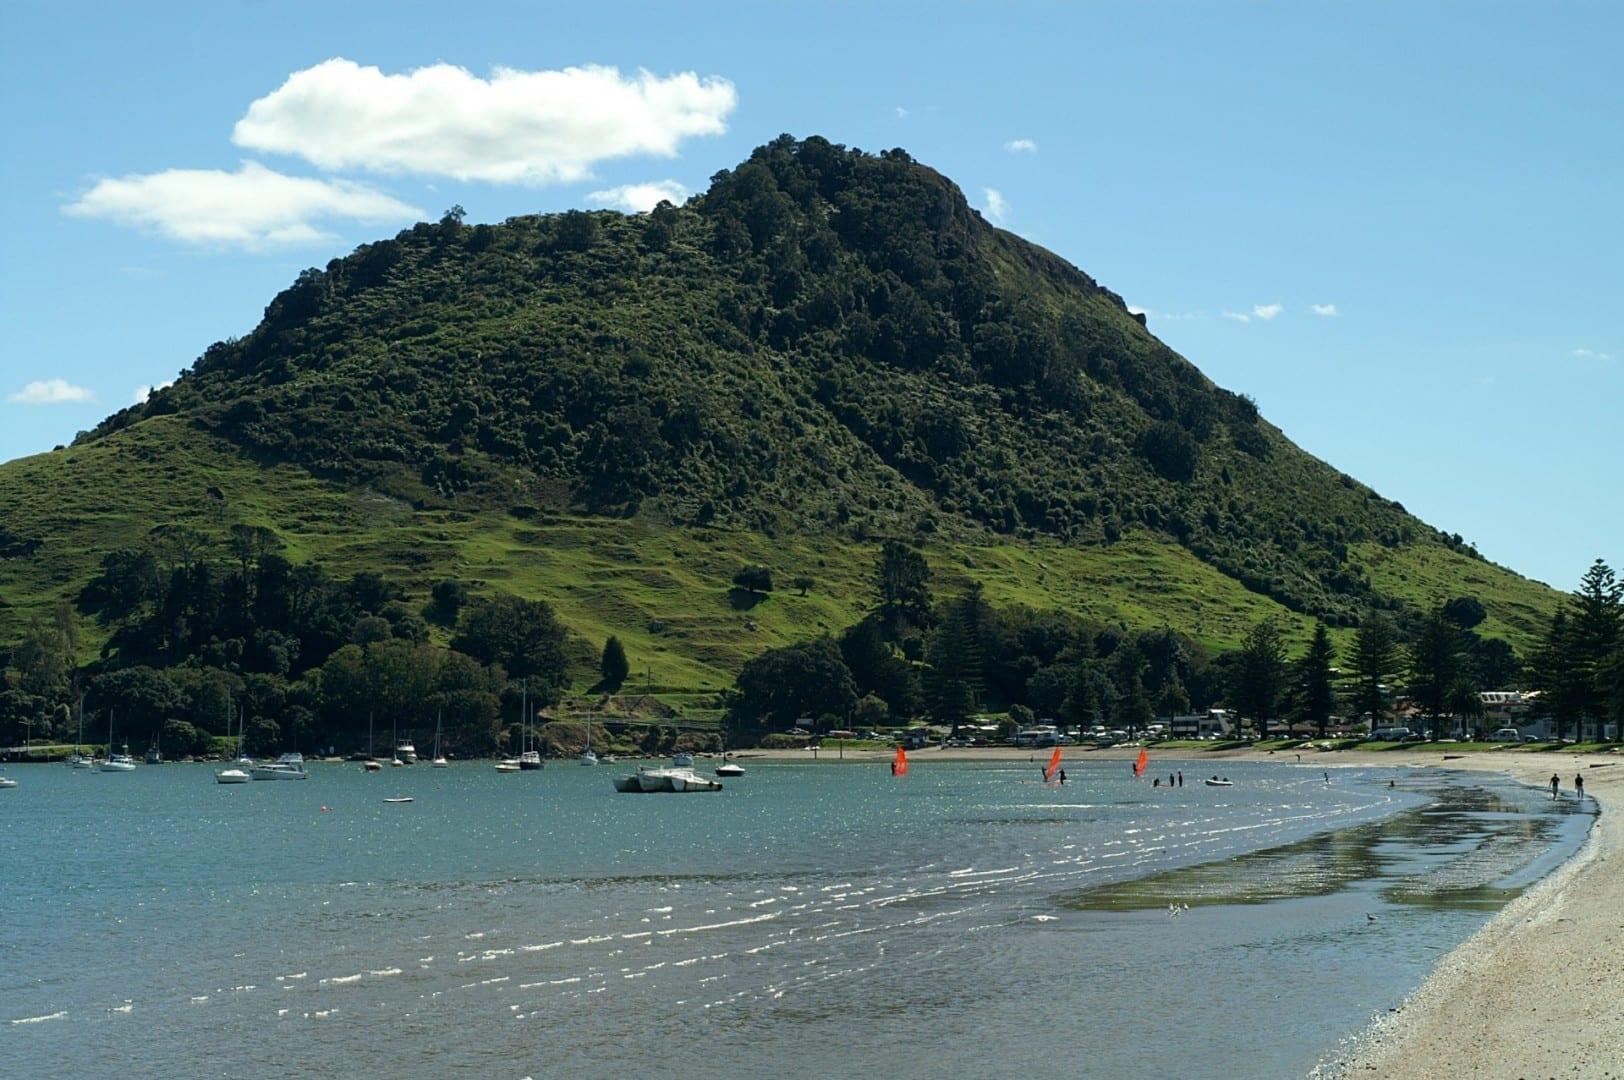 Mauao y la playa (mirando al norte) Tauranga Nueva Zelanda